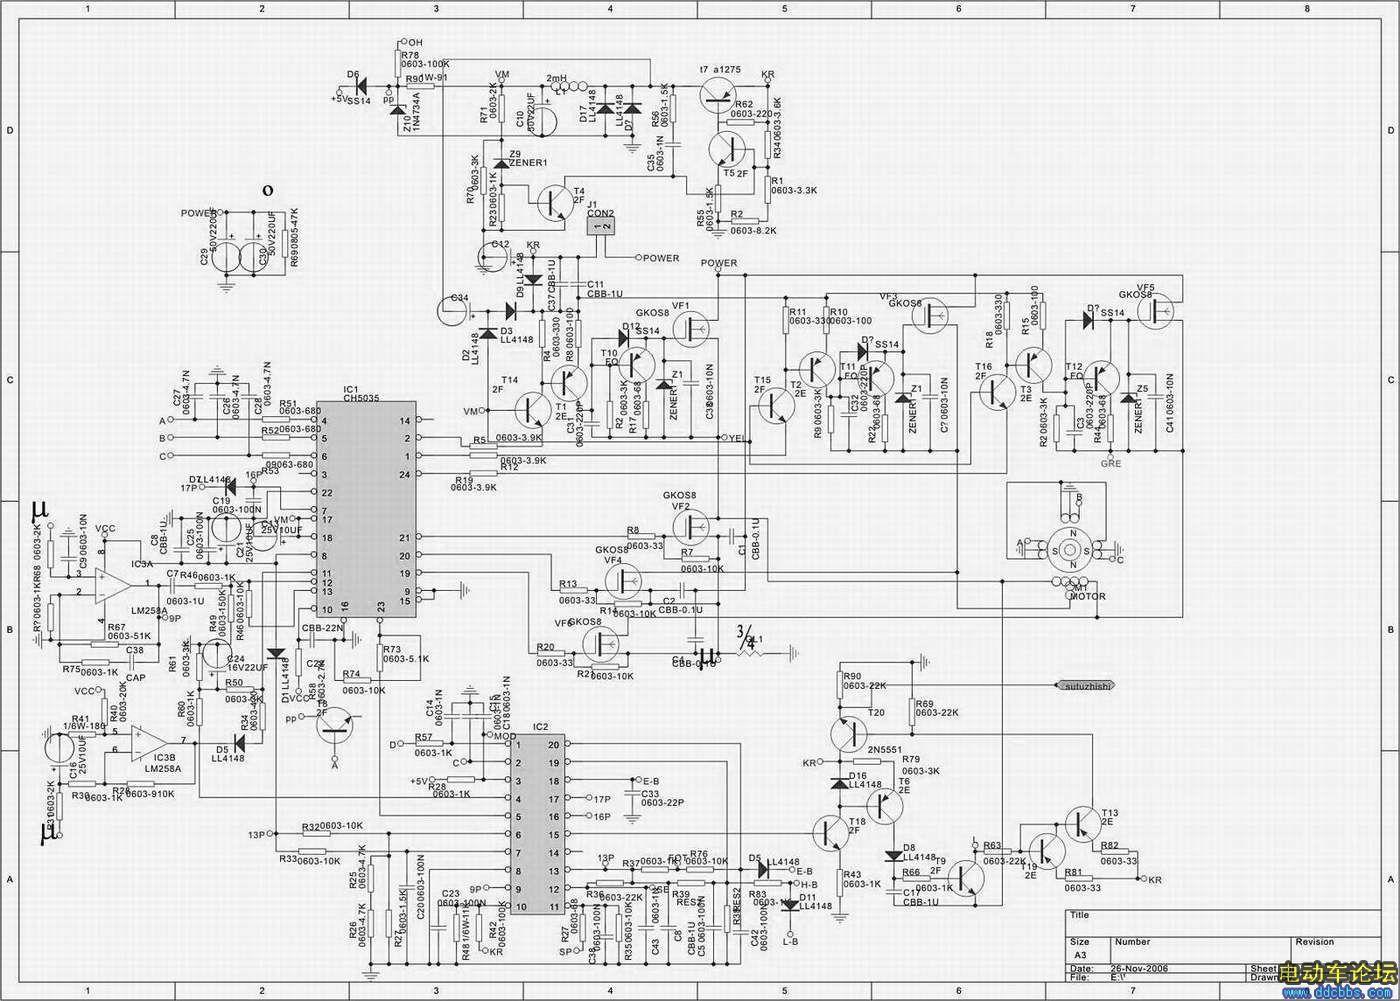 松正wzk4815电动车无刷控制器原理图 机动车综合电路